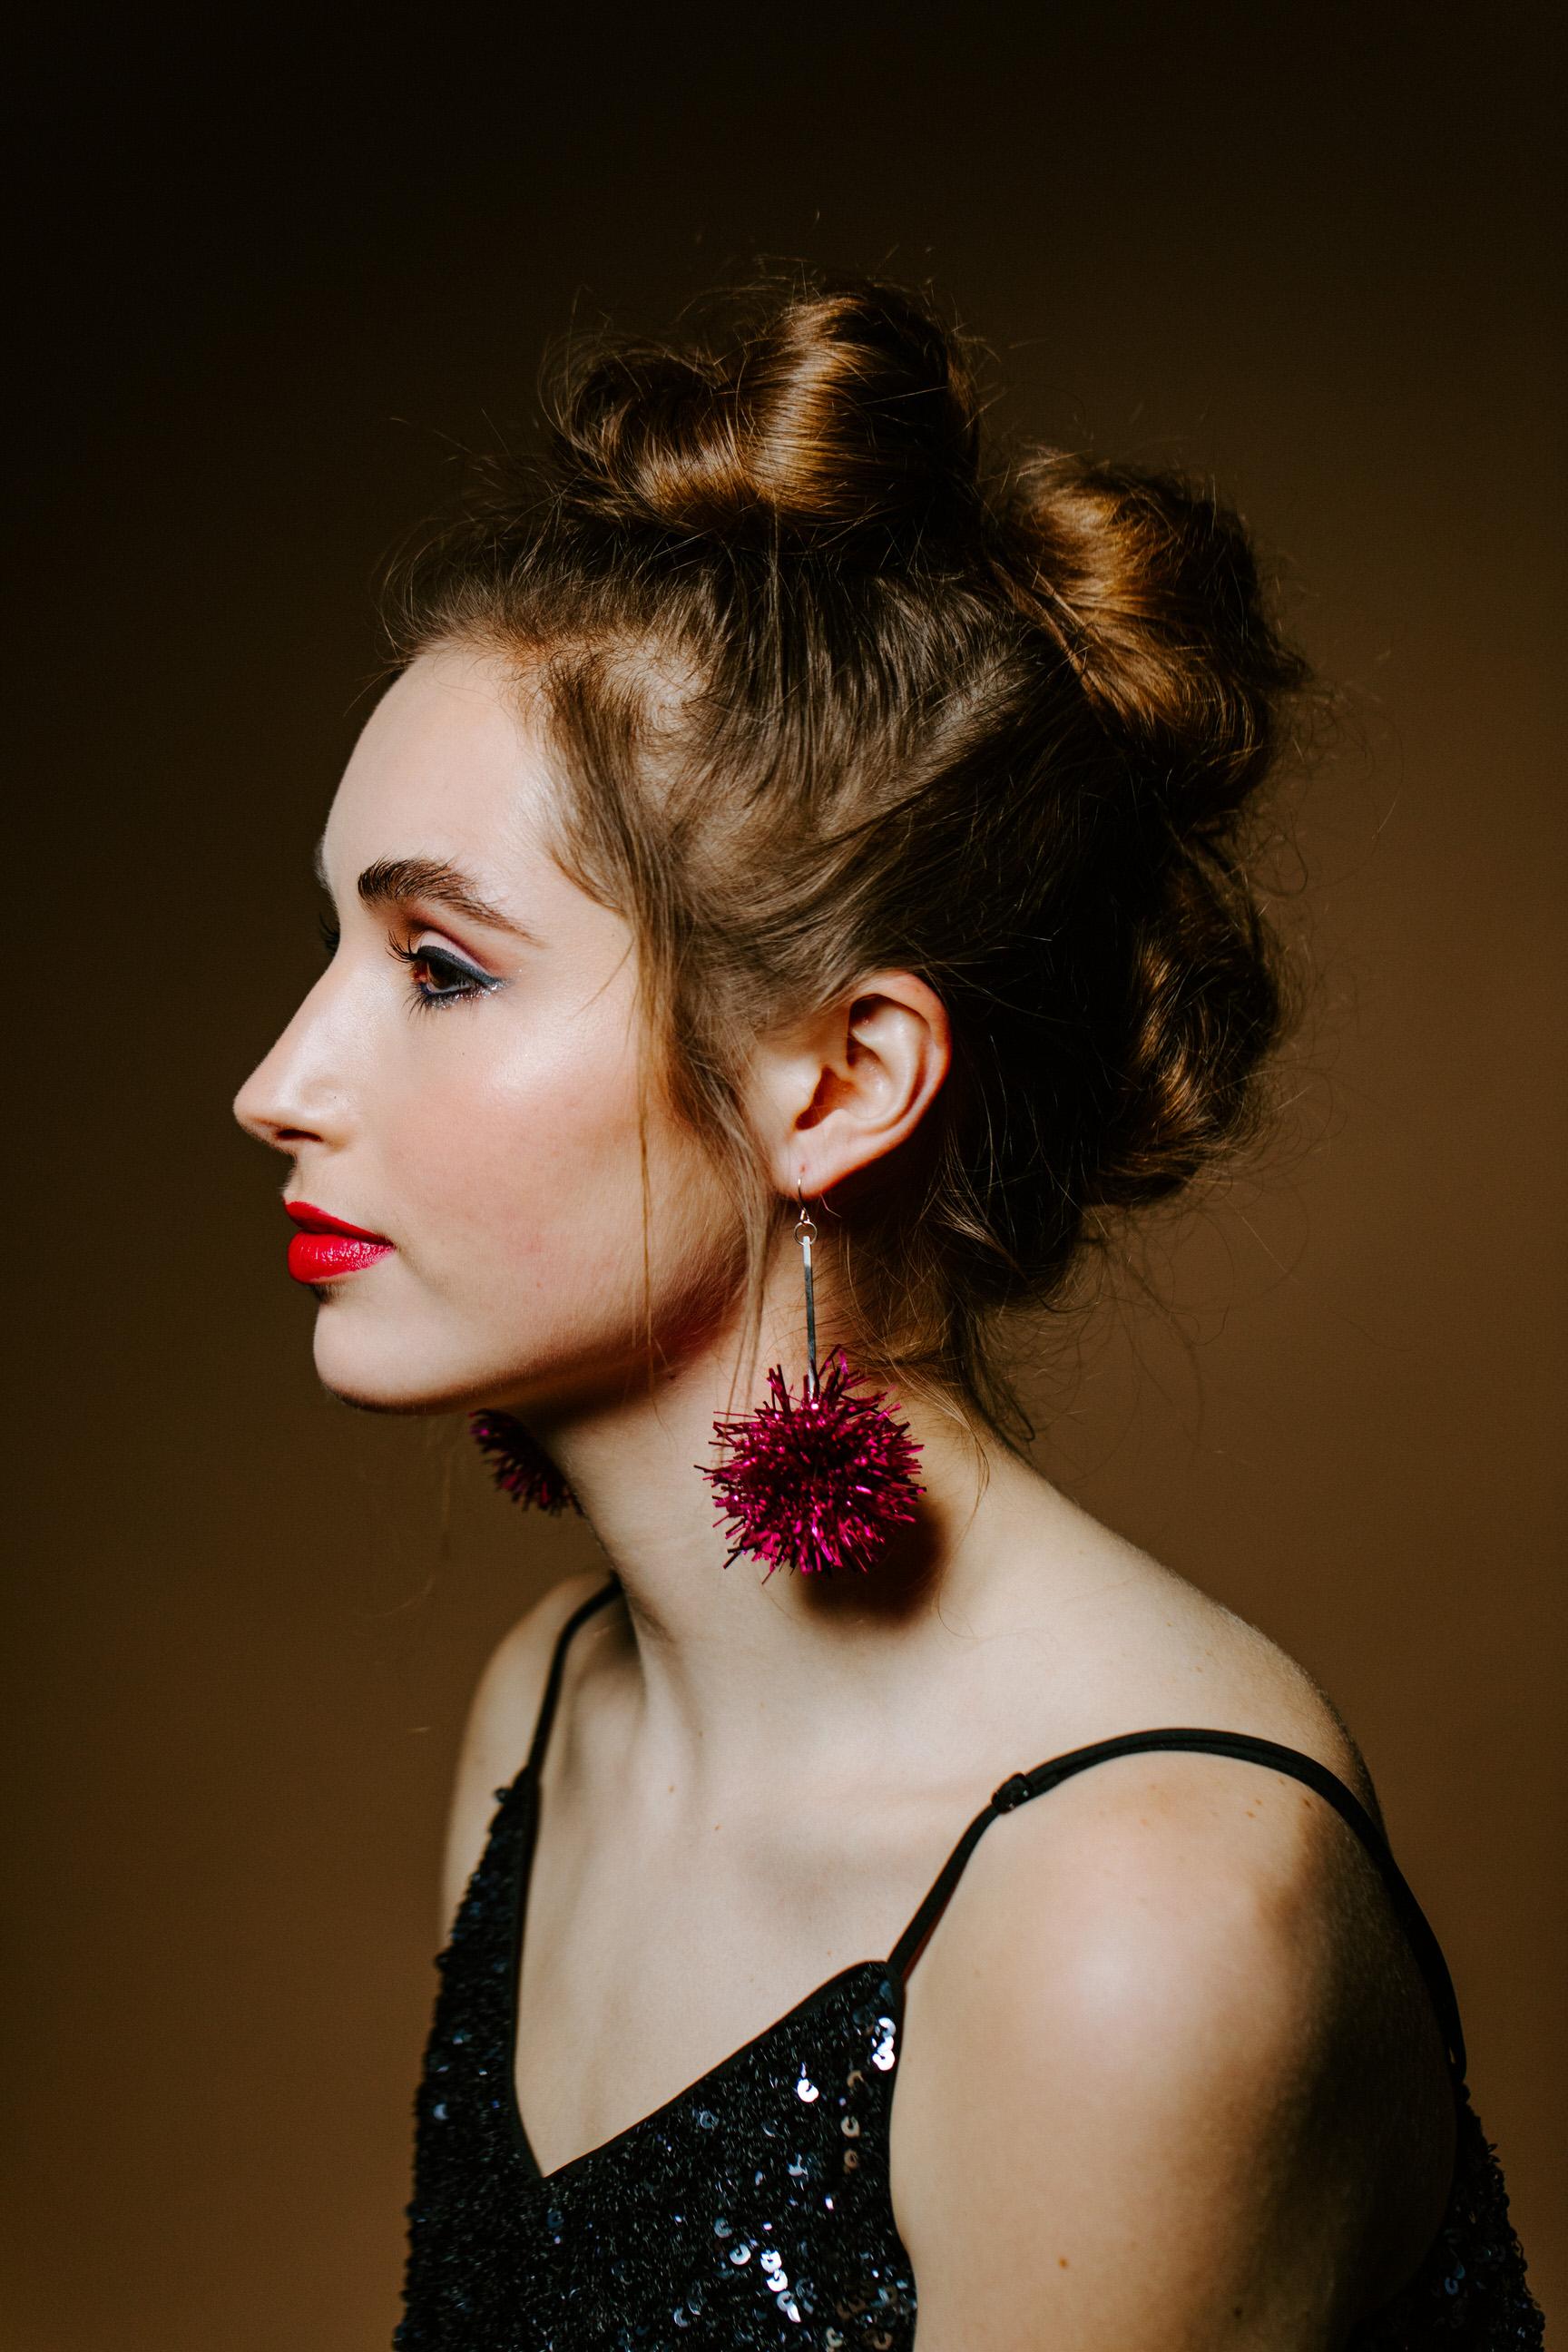 rebekah-earrings-8894.jpg